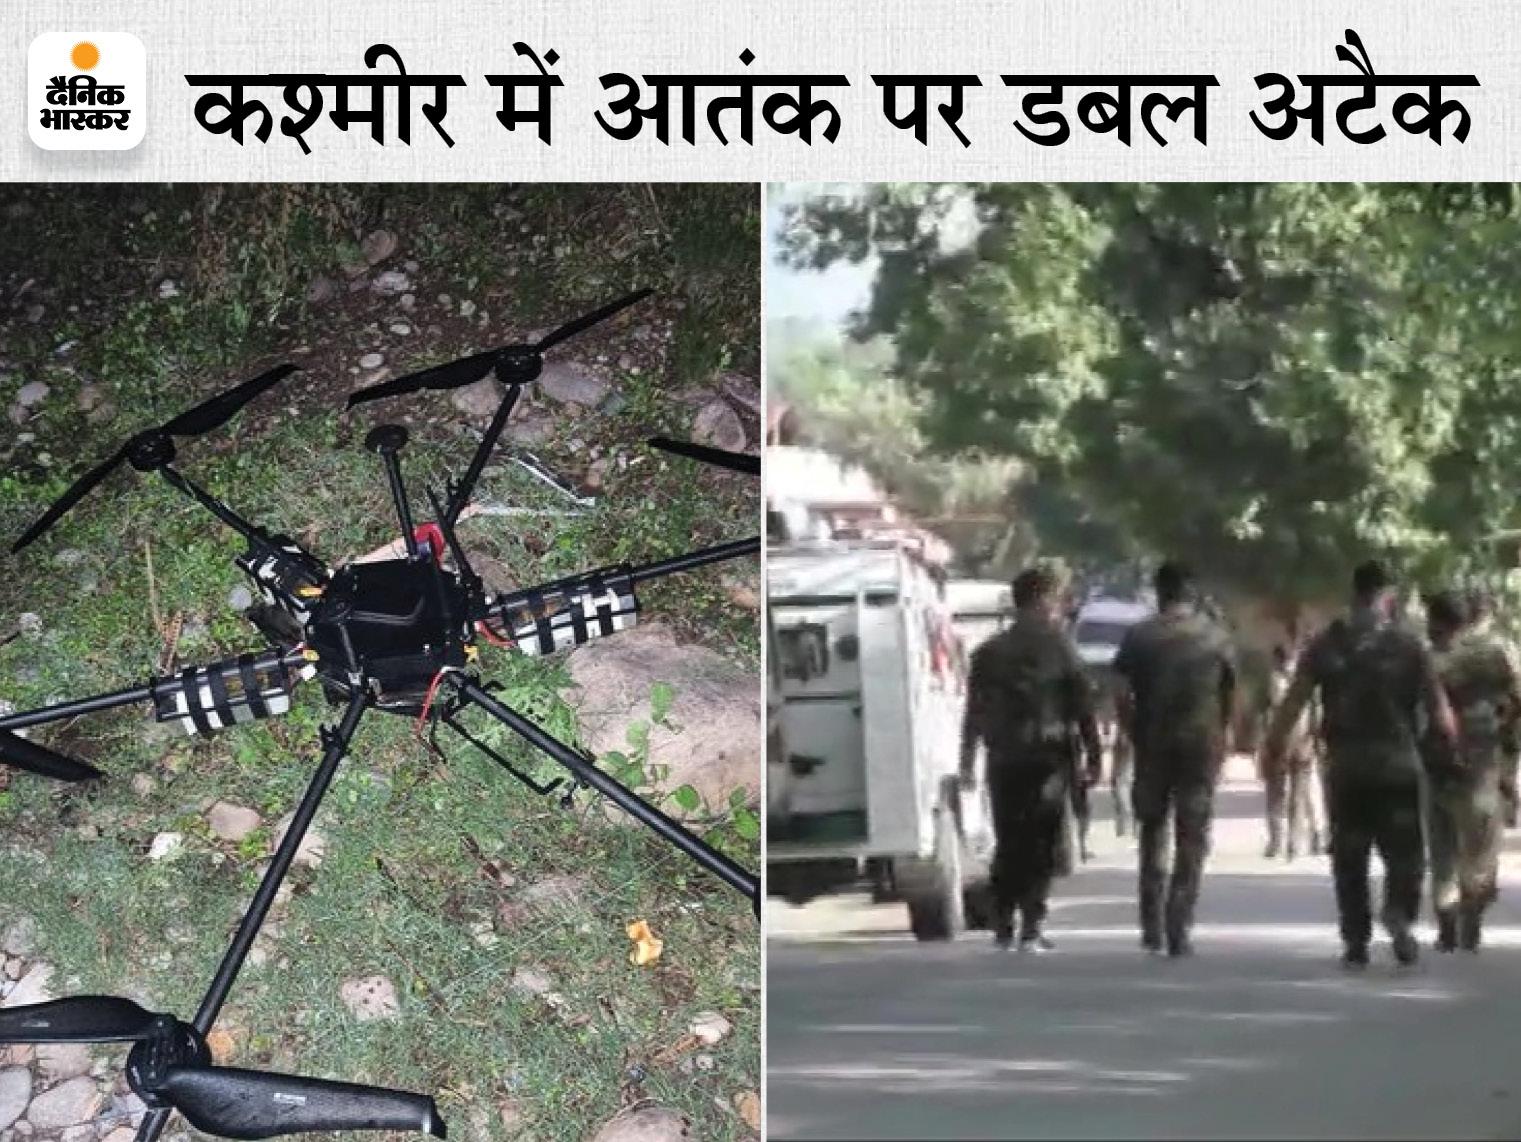 अखनूर में 5 किग्रा IED से लैस ड्रोन पुलिस ने मार गिराया; सोपोर में लश्कर के 2 आतंकी ढेर|देश,National - Dainik Bhaskar